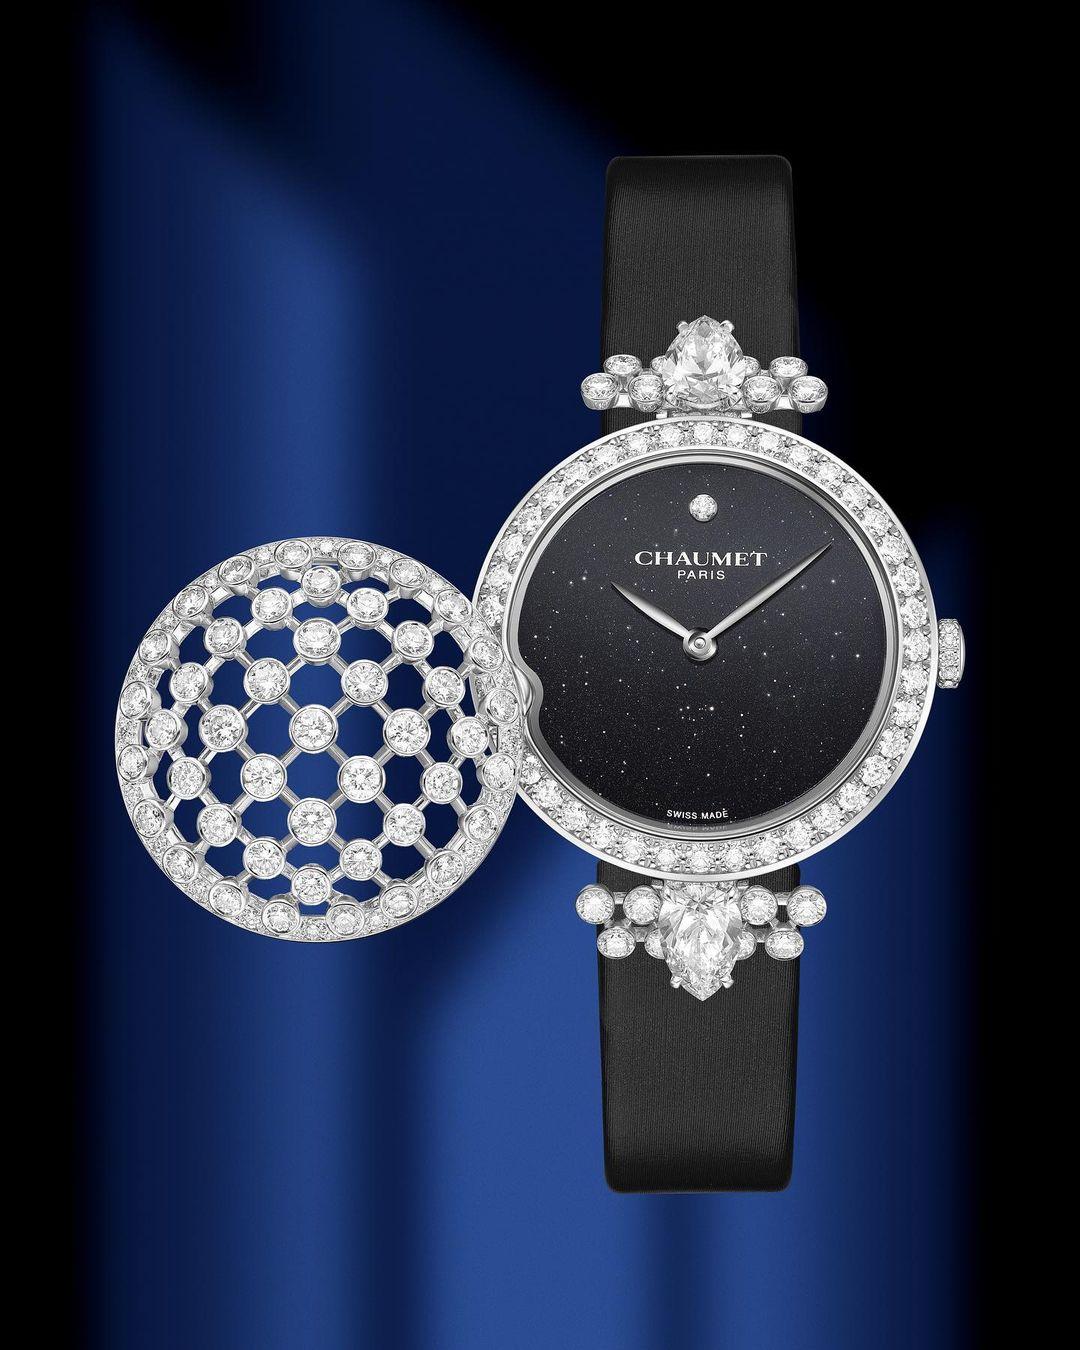 El reloj secreto de Chaumet de oro y diamantes